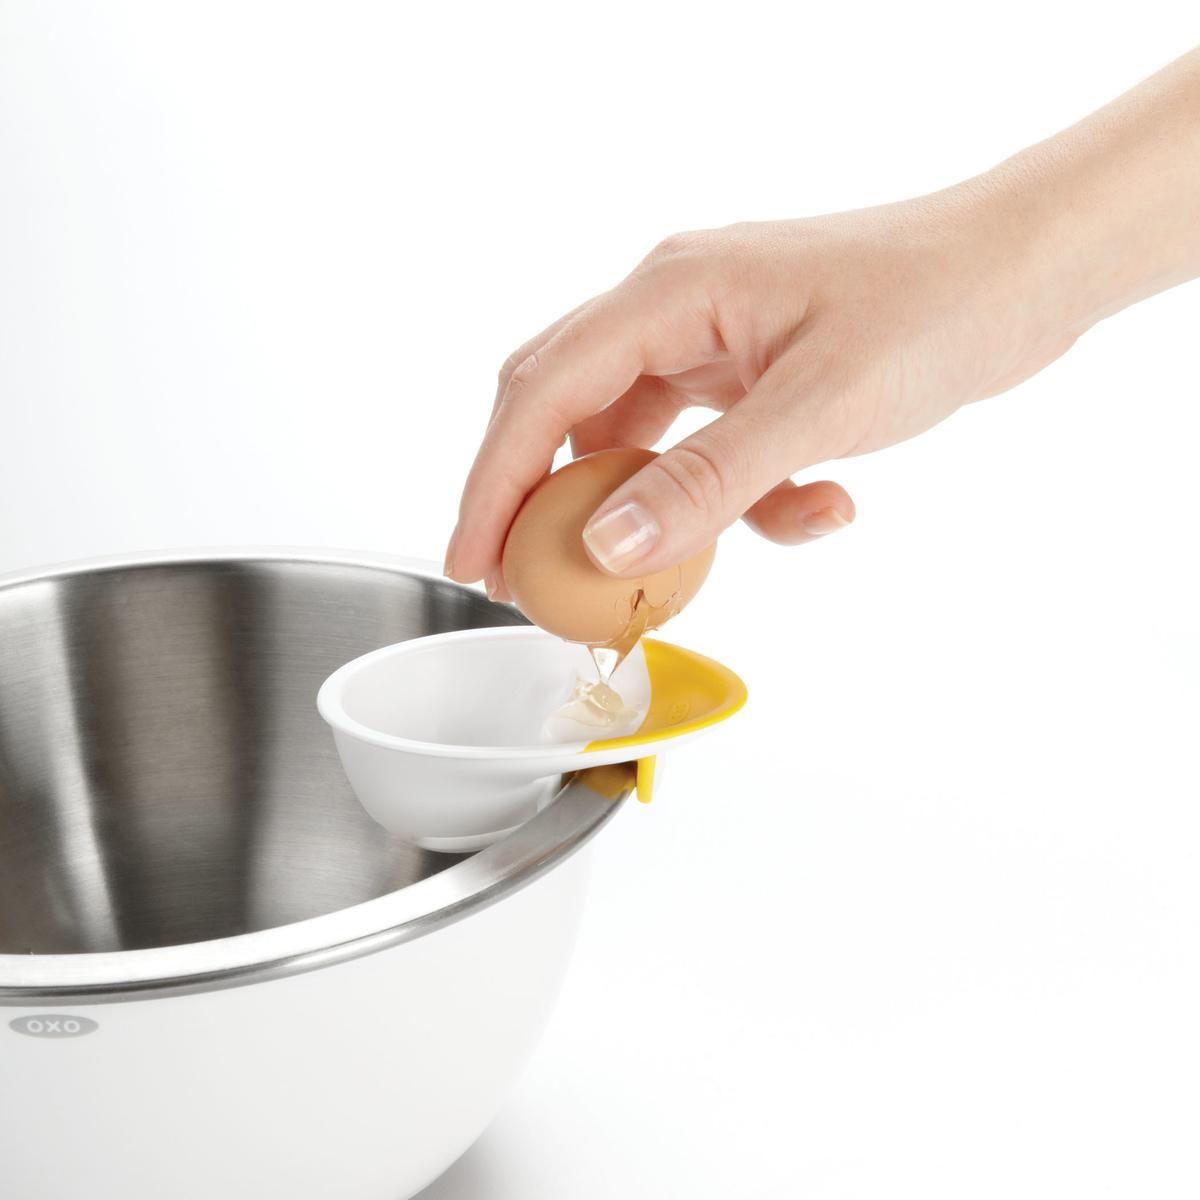 Сепаратор для яиц OXO COOKING UTENSILS, 4х12х22 см, белый OXO 1147780 фото 5